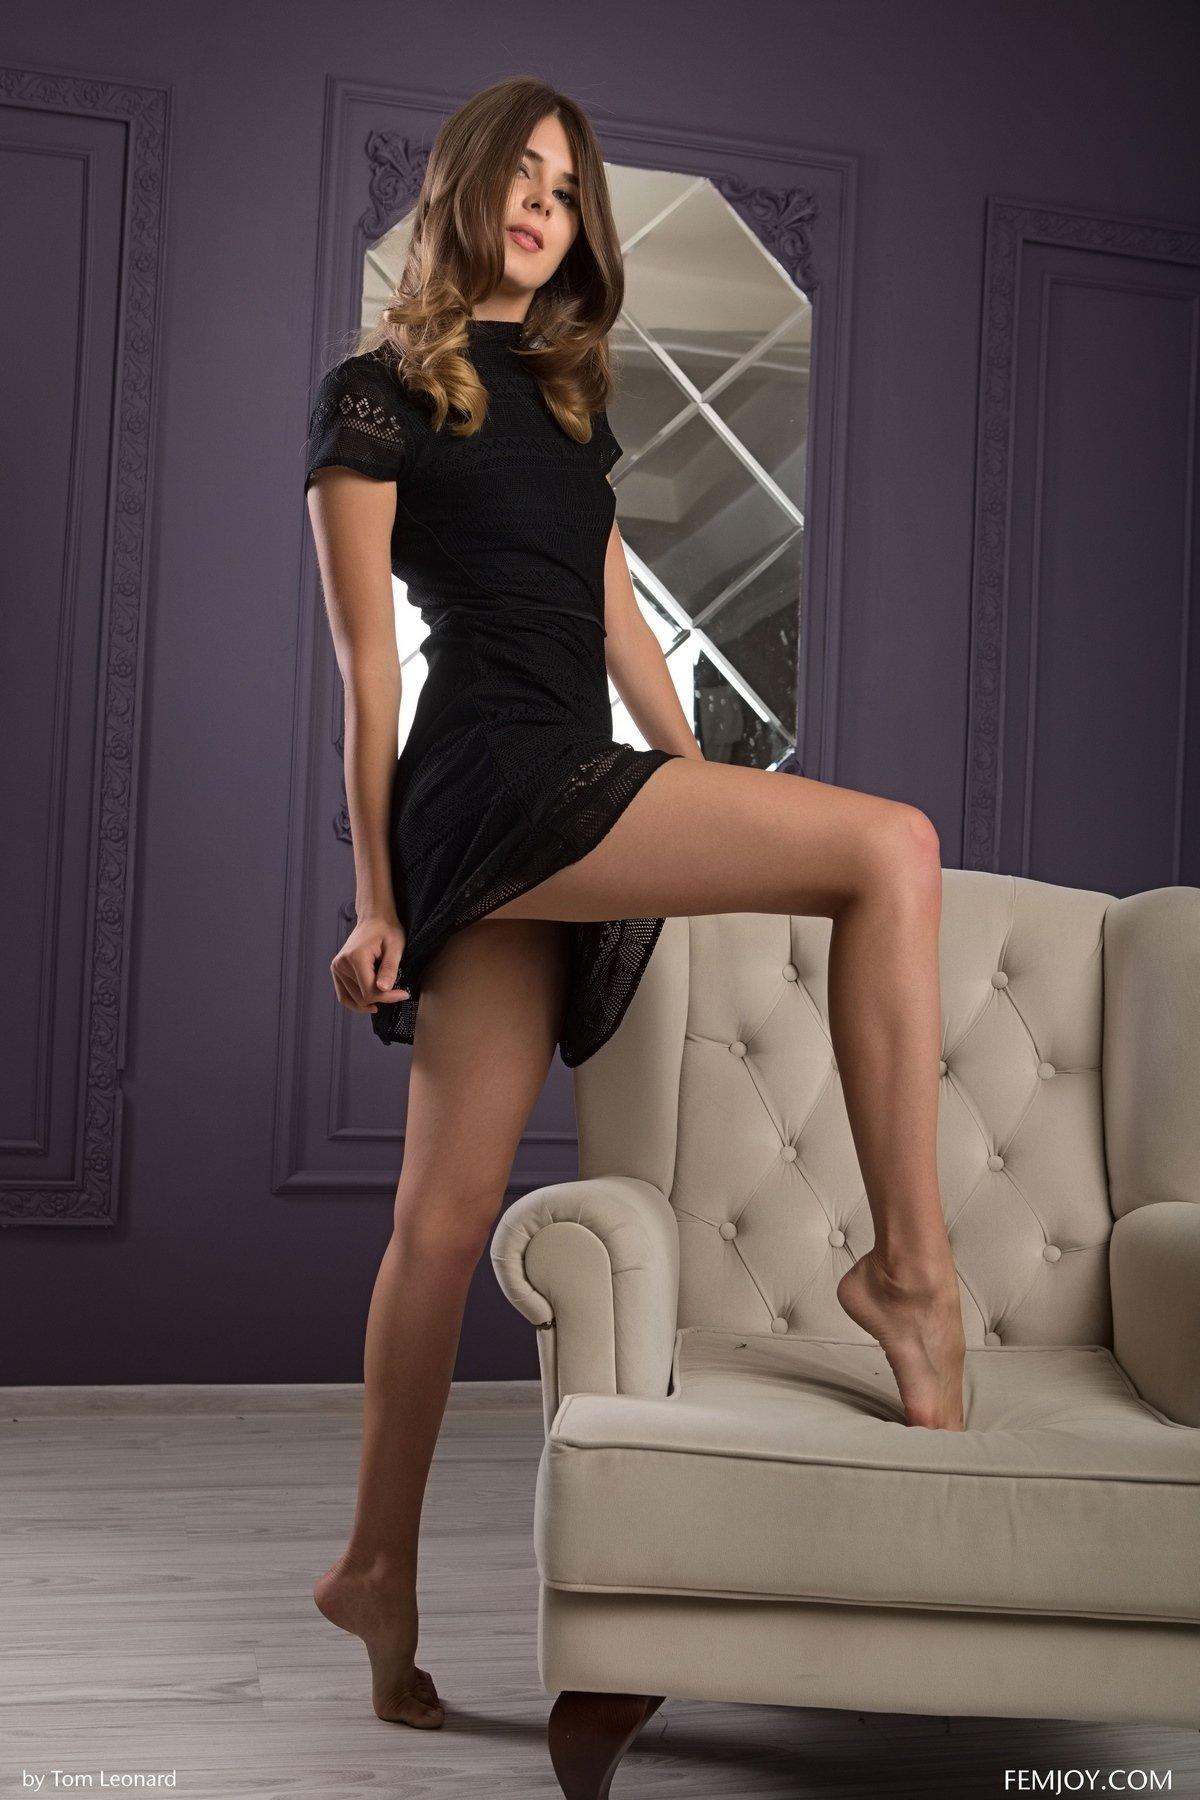 Девушка поднимает ножки порно